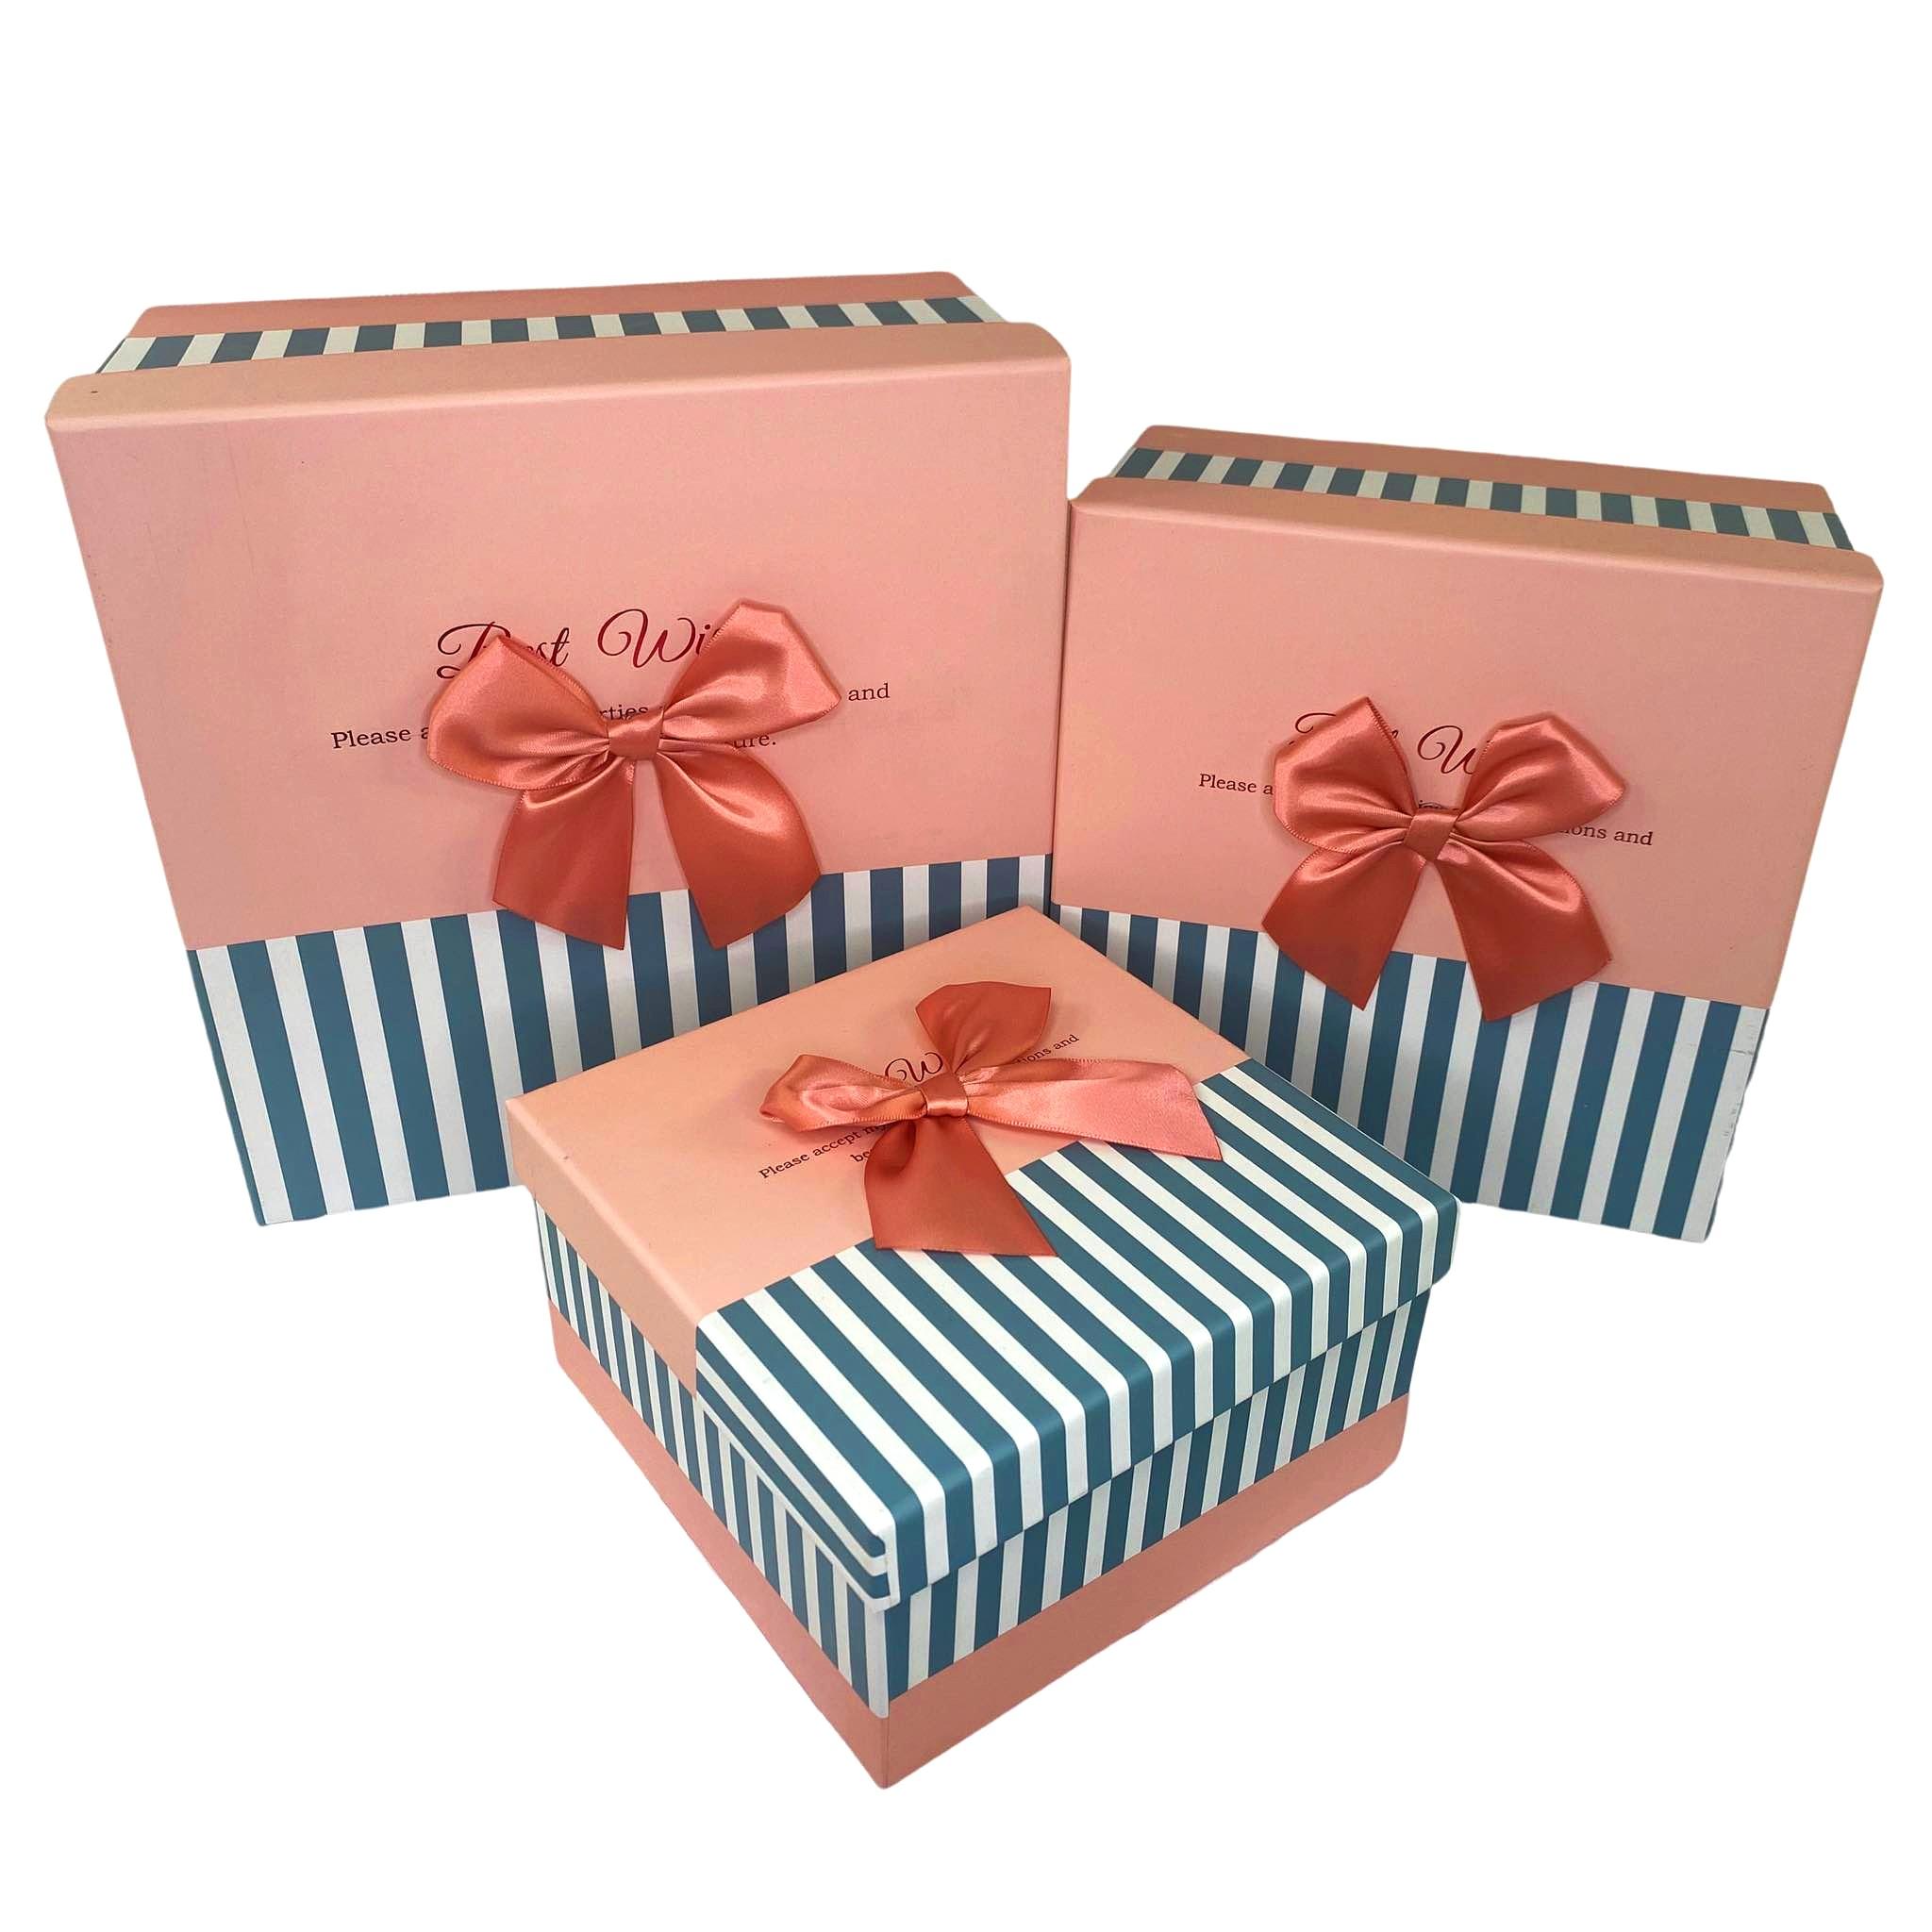 Zestaw 3 pudełek Pudełko prezentowe na prezent ozdobne